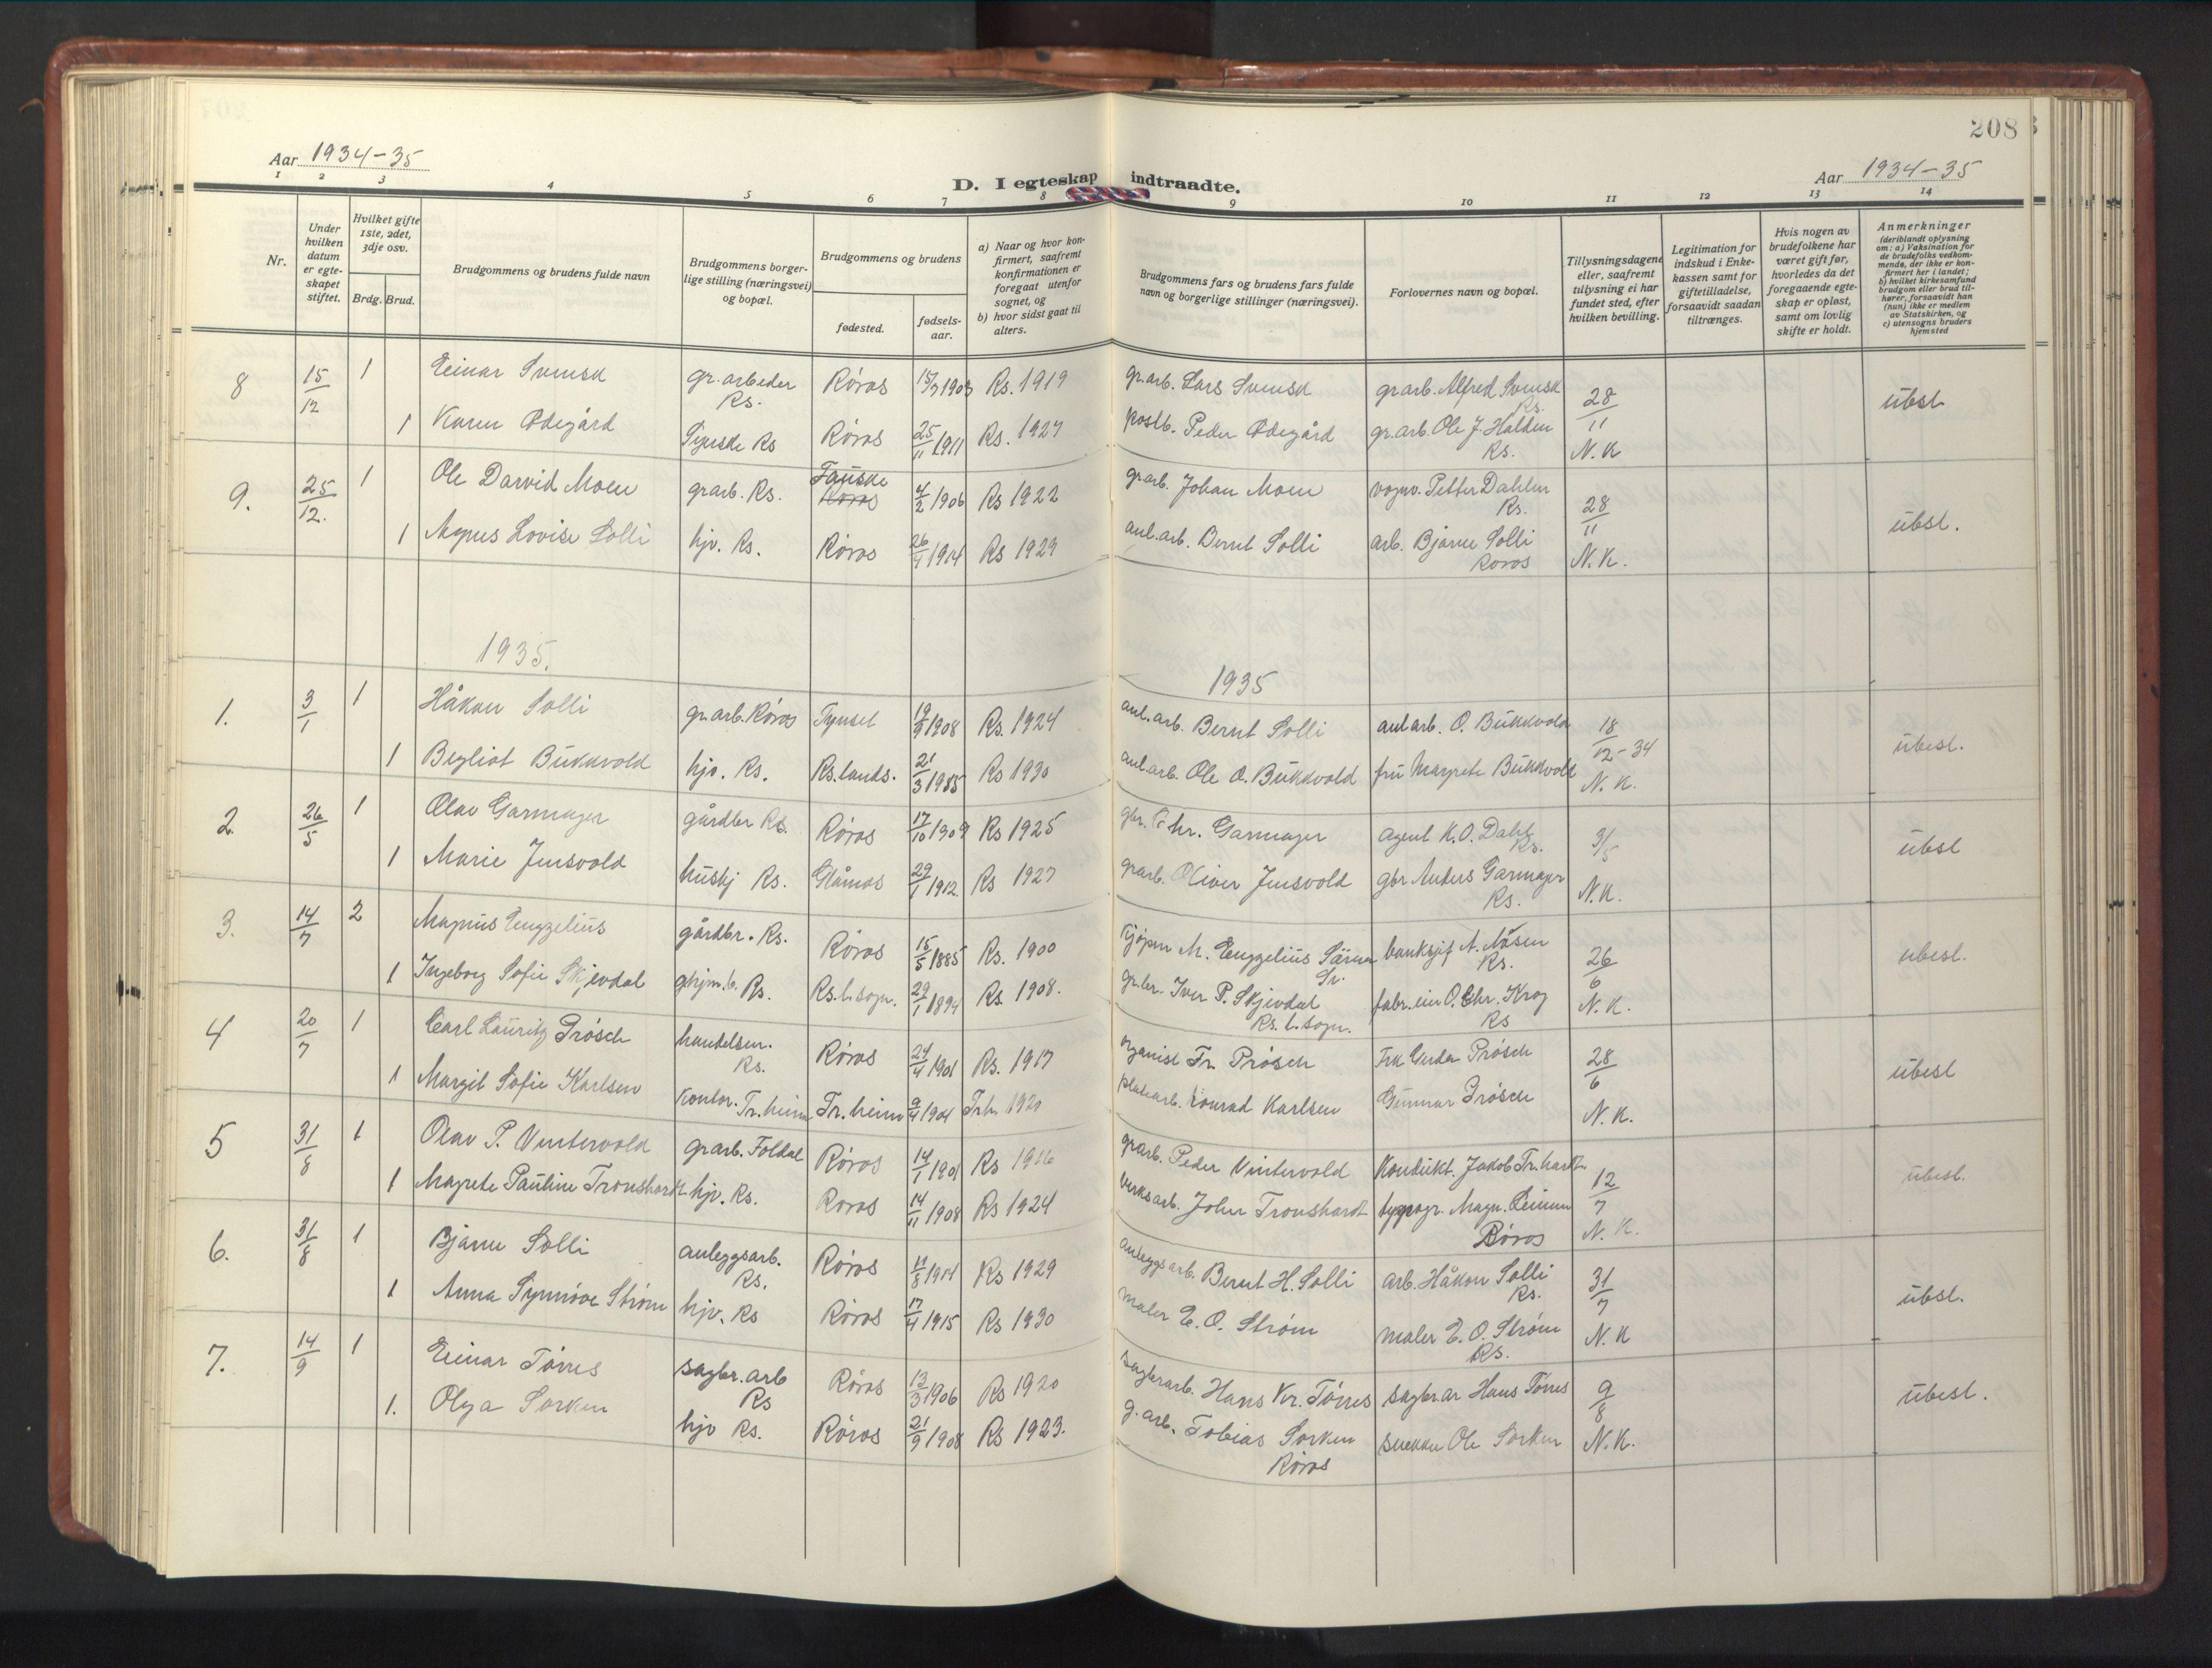 SAT, Ministerialprotokoller, klokkerbøker og fødselsregistre - Sør-Trøndelag, 681/L0943: Klokkerbok nr. 681C07, 1926-1954, s. 208